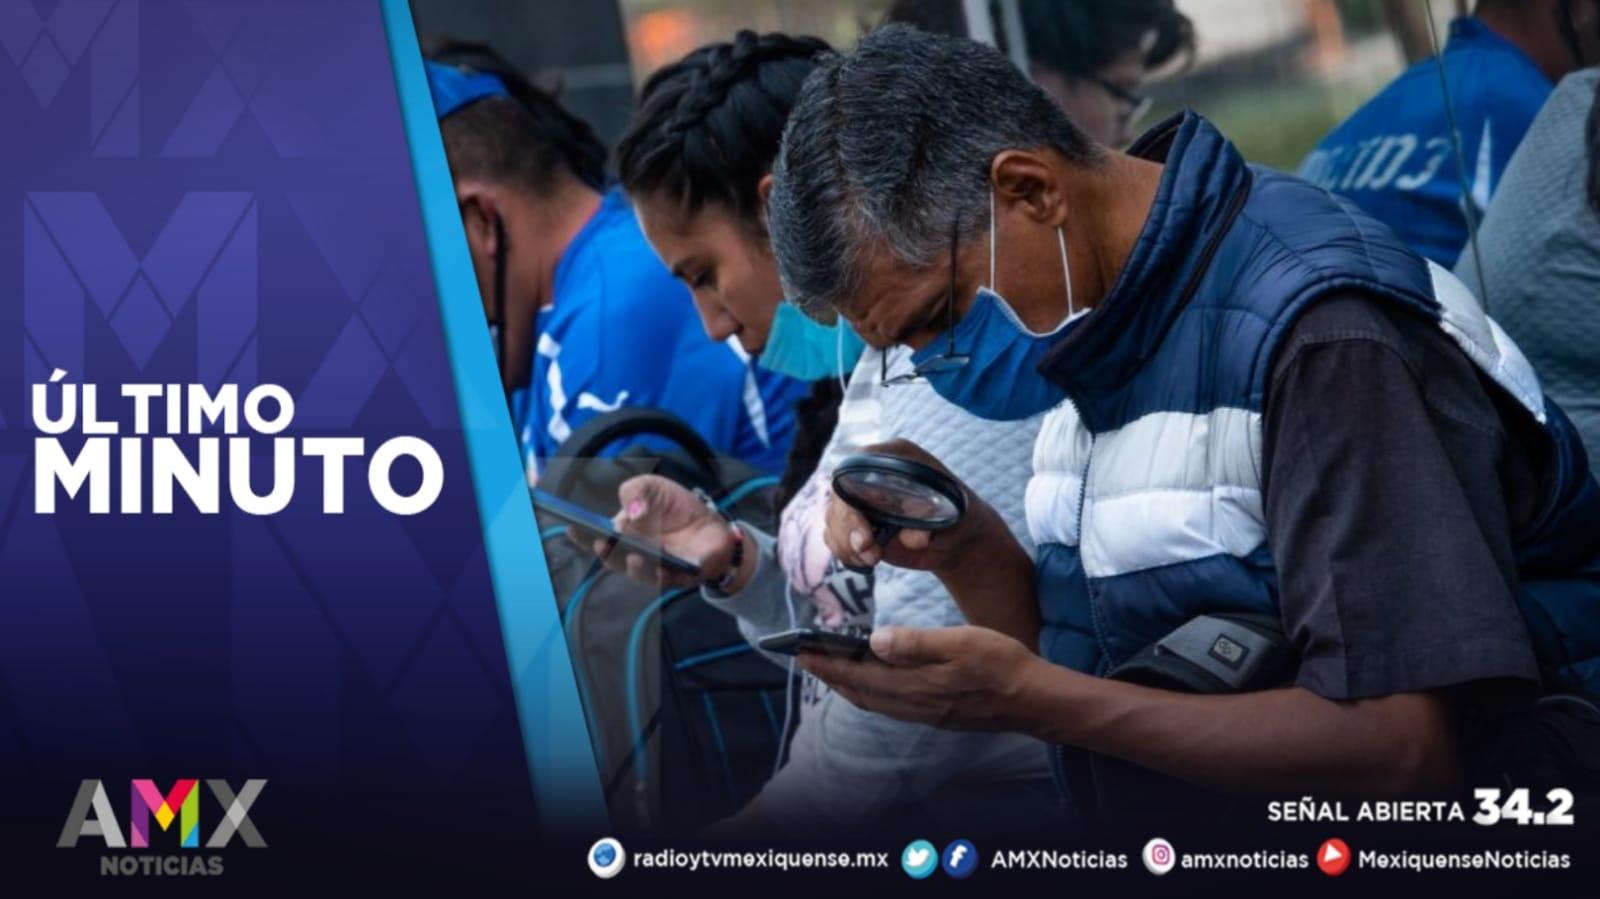 MÉXICO SUMA MÁS DE 486 MIL CASOS SOSPECHOSOS DE COVID-19